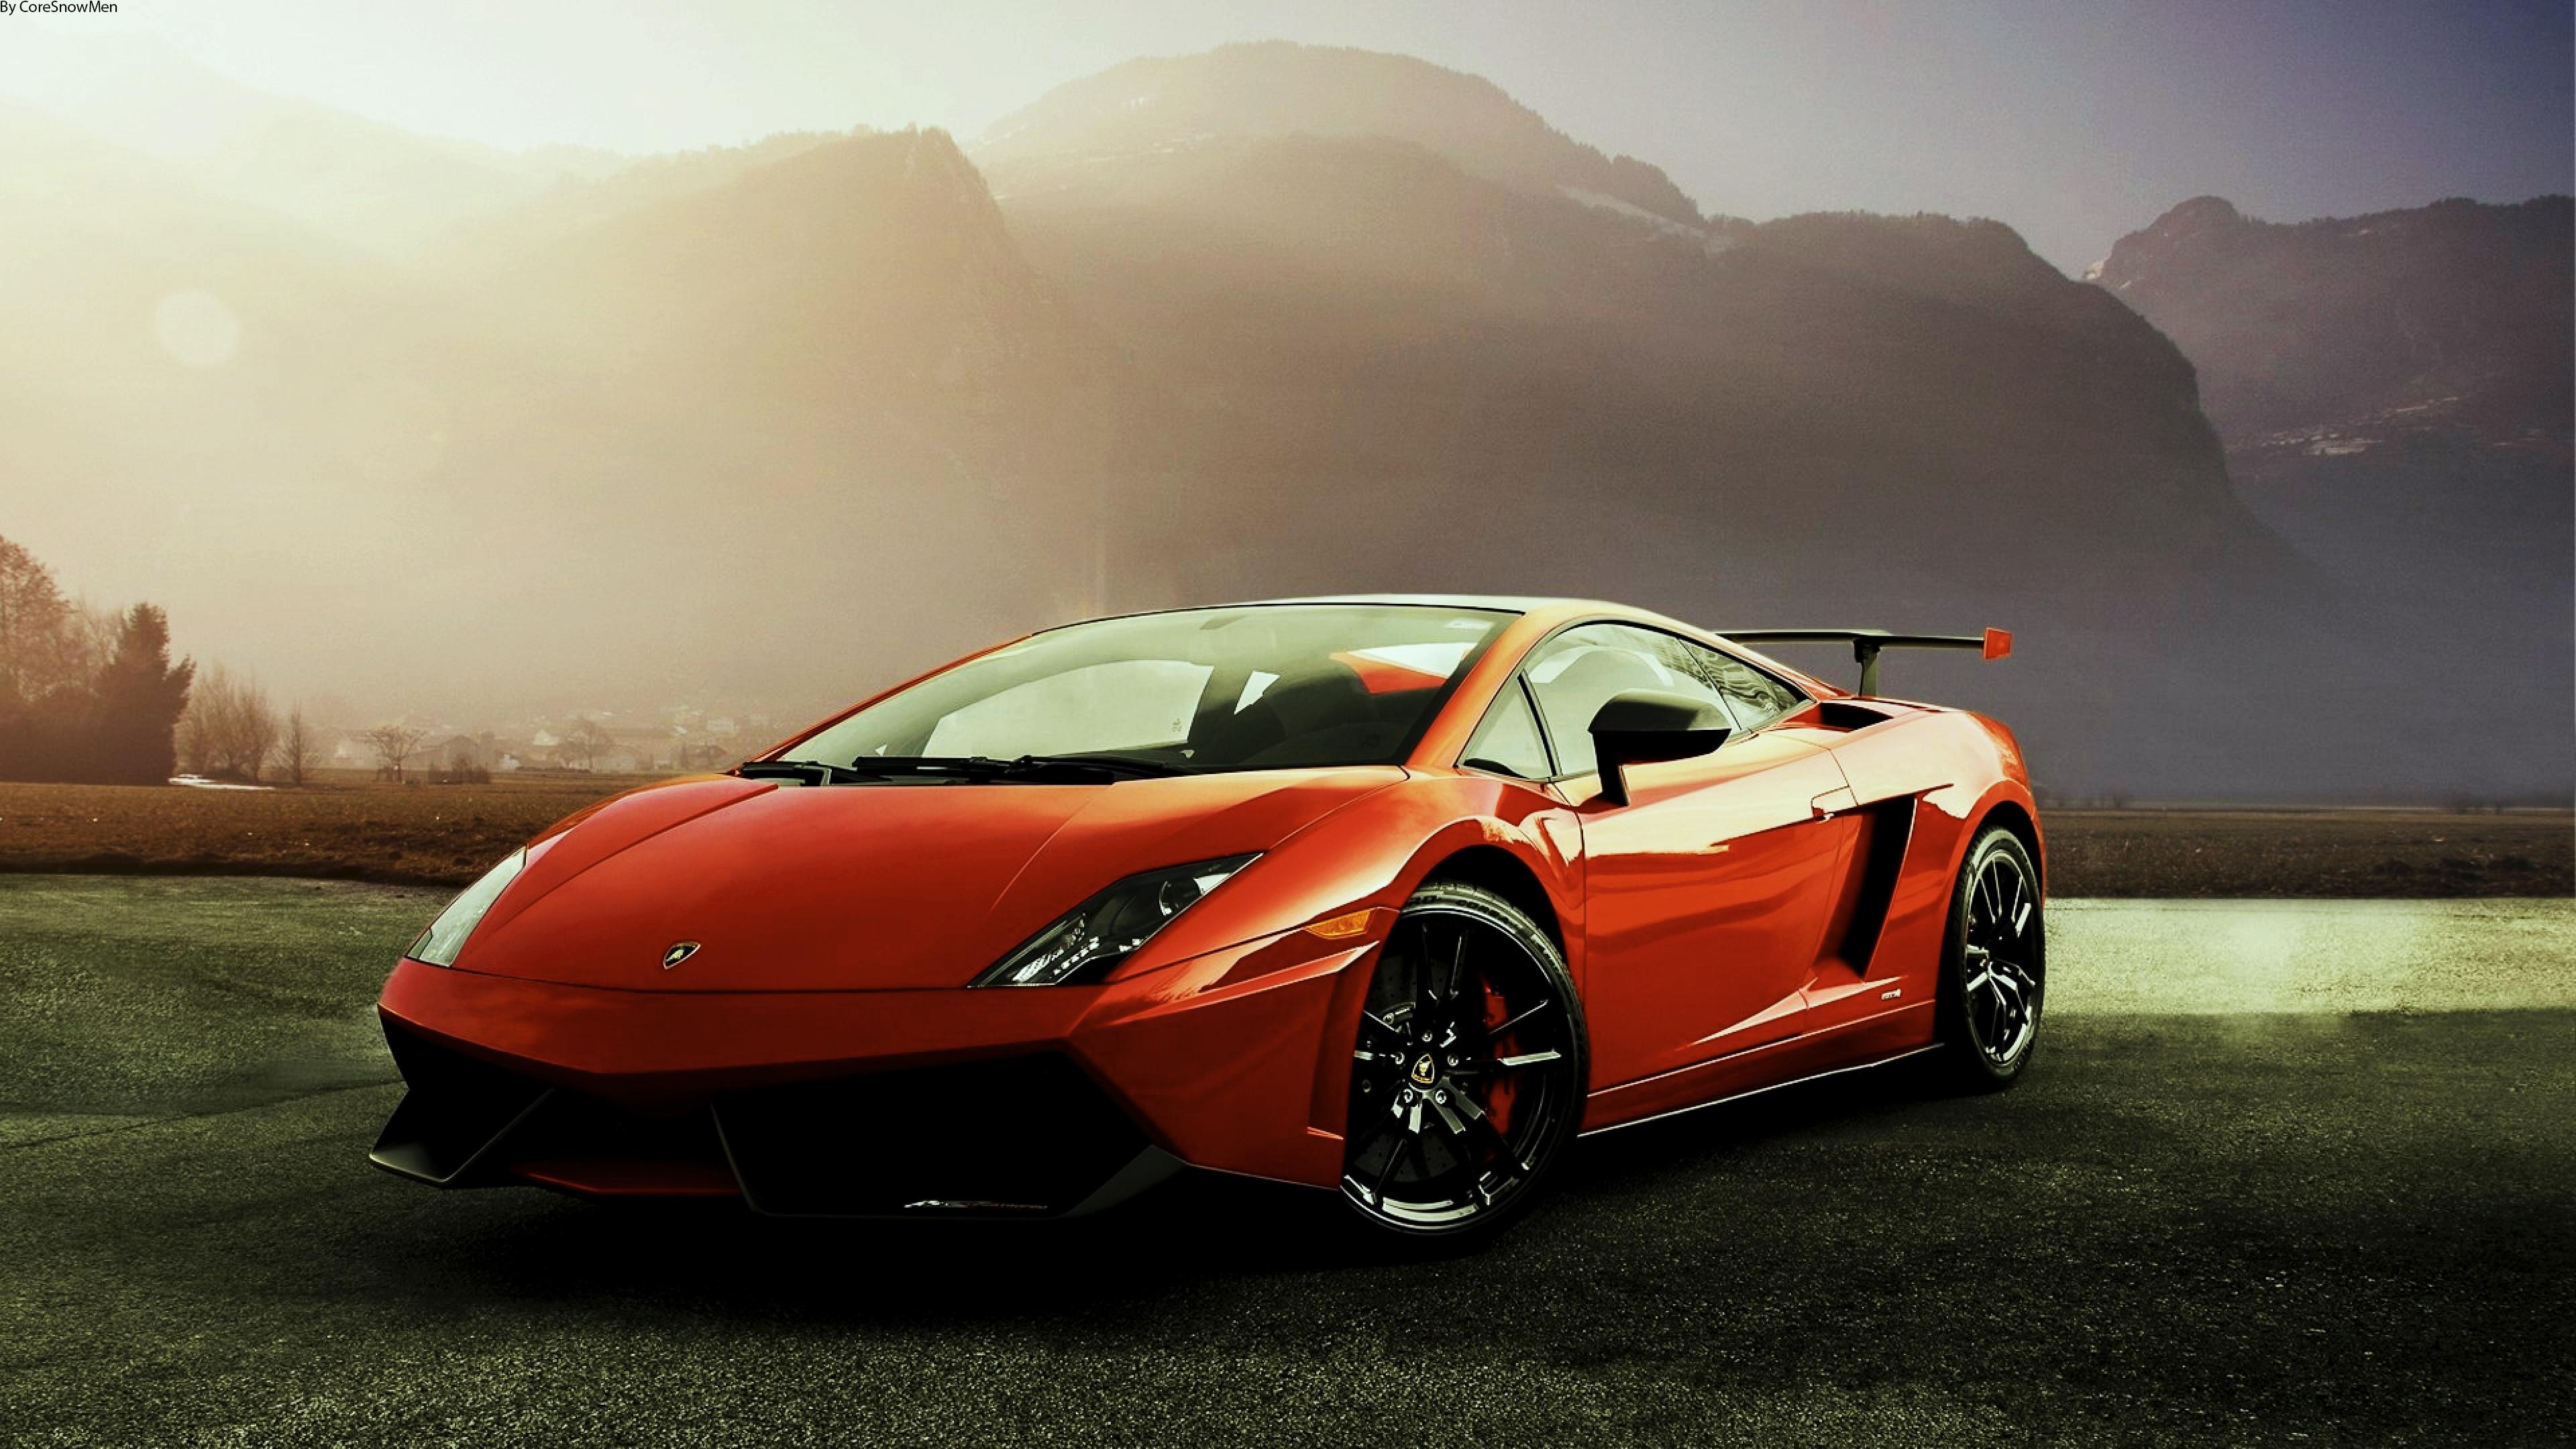 спортивный автомобиль красный lamborghini  № 719731 бесплатно